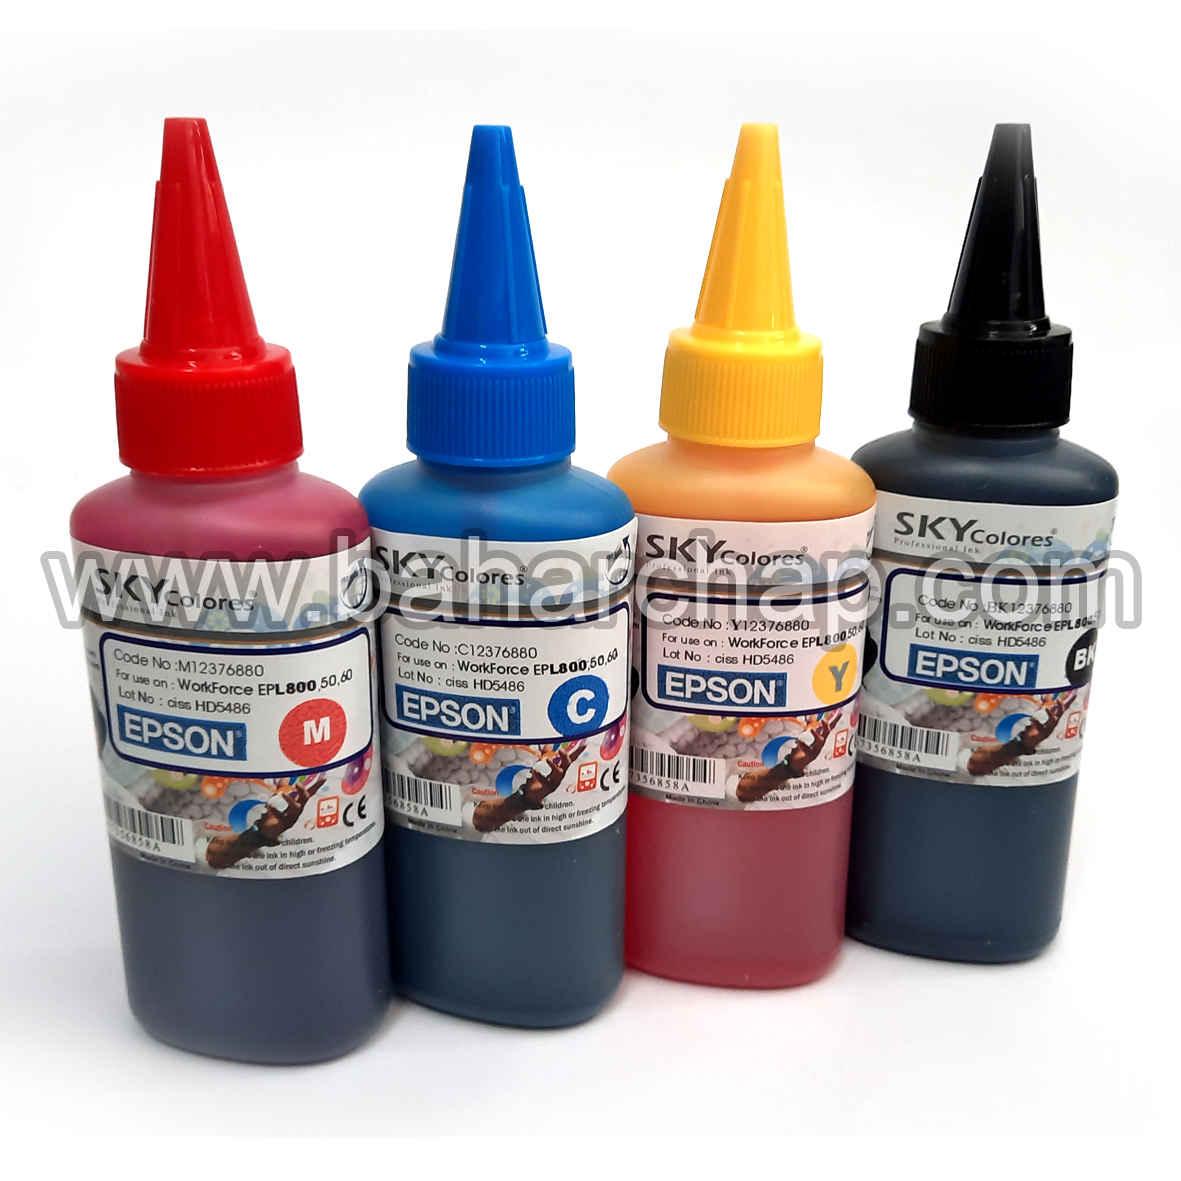 فروشگاه و خدمات اینترنتی بهارچاپ اصفهان-جوهر اسکای 100cc (ست چهار رنگ اپسون)-SKY INK FOR EPSON 4 COLOR